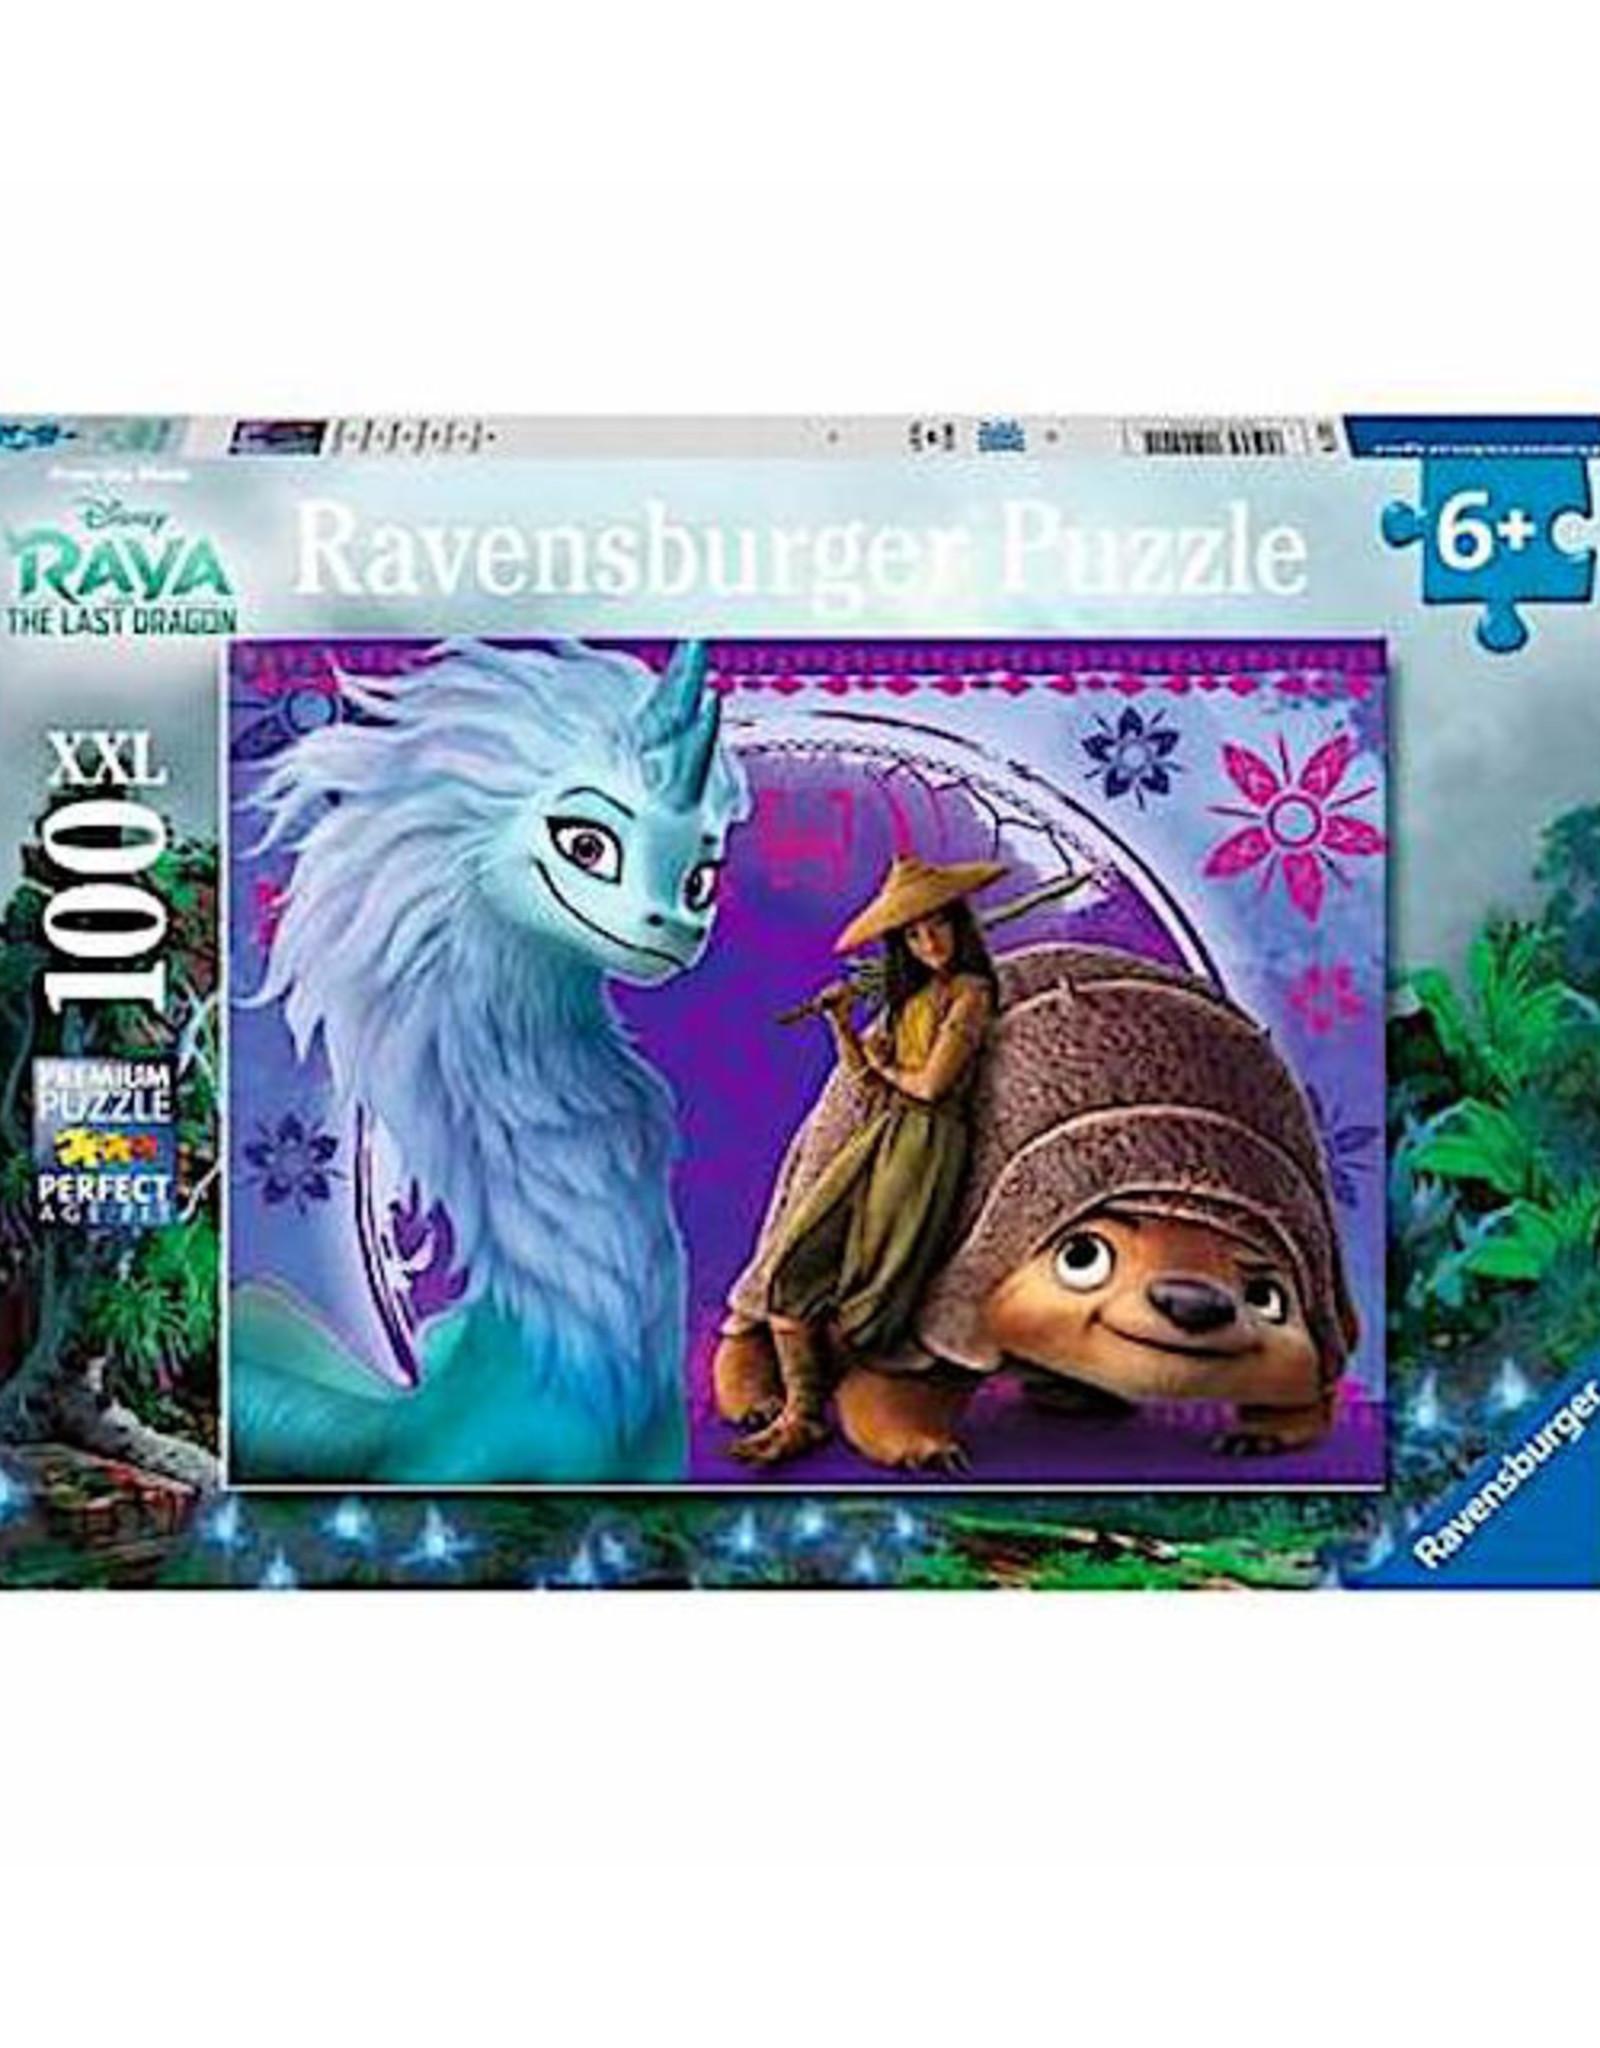 Ravensburger Raya and the Last Dragon (100 pc)